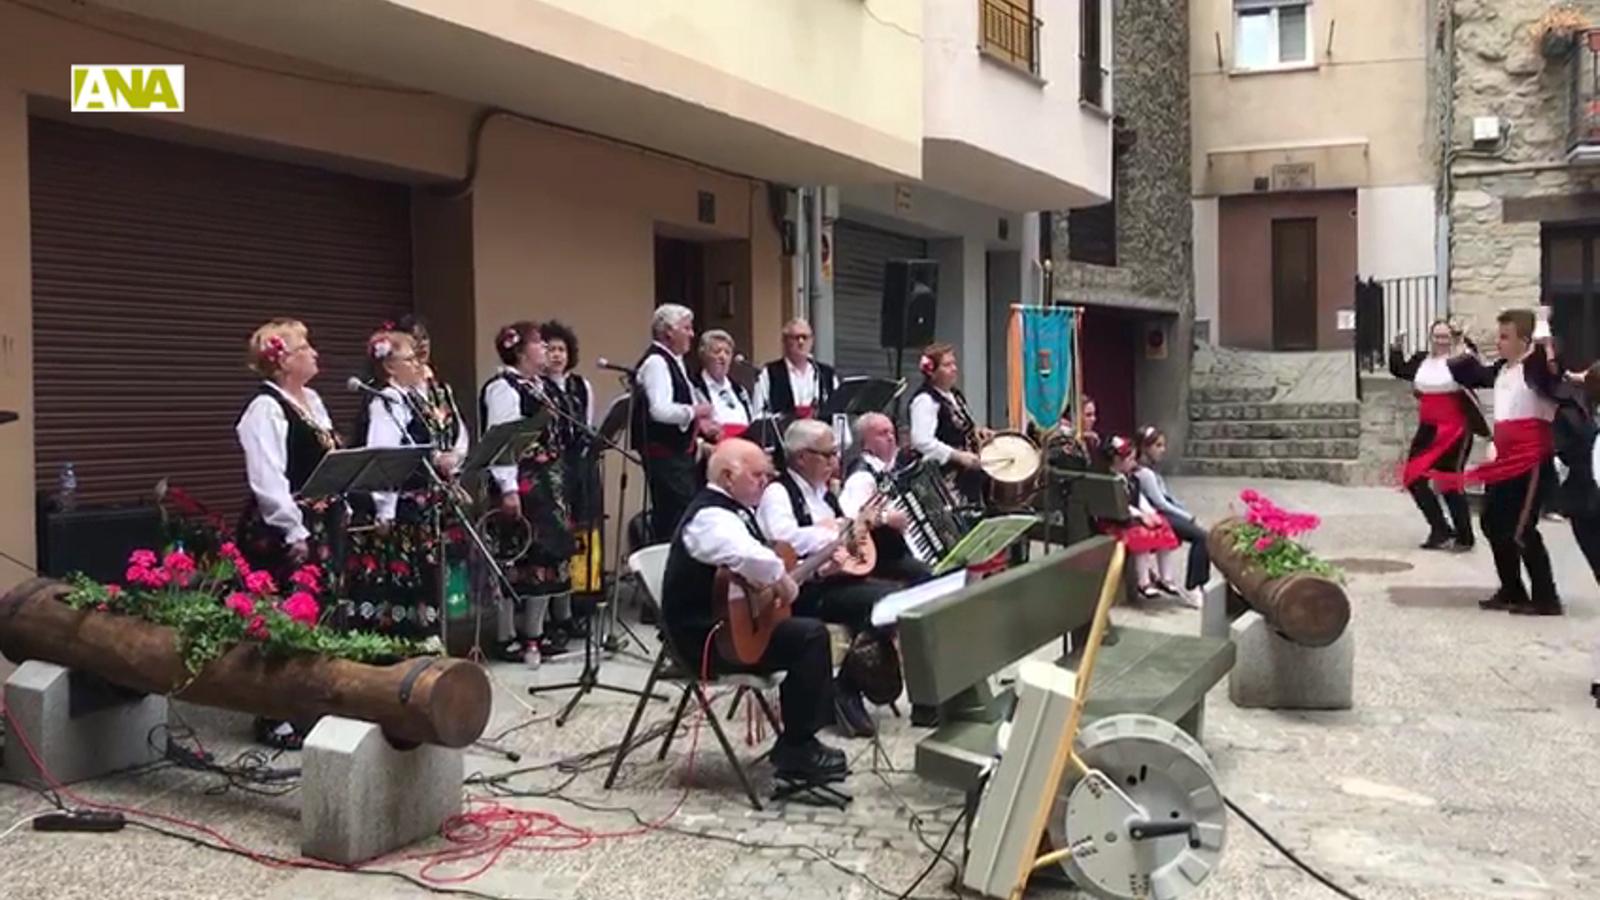 Celebració de l'aniversari de Casa Extremadura